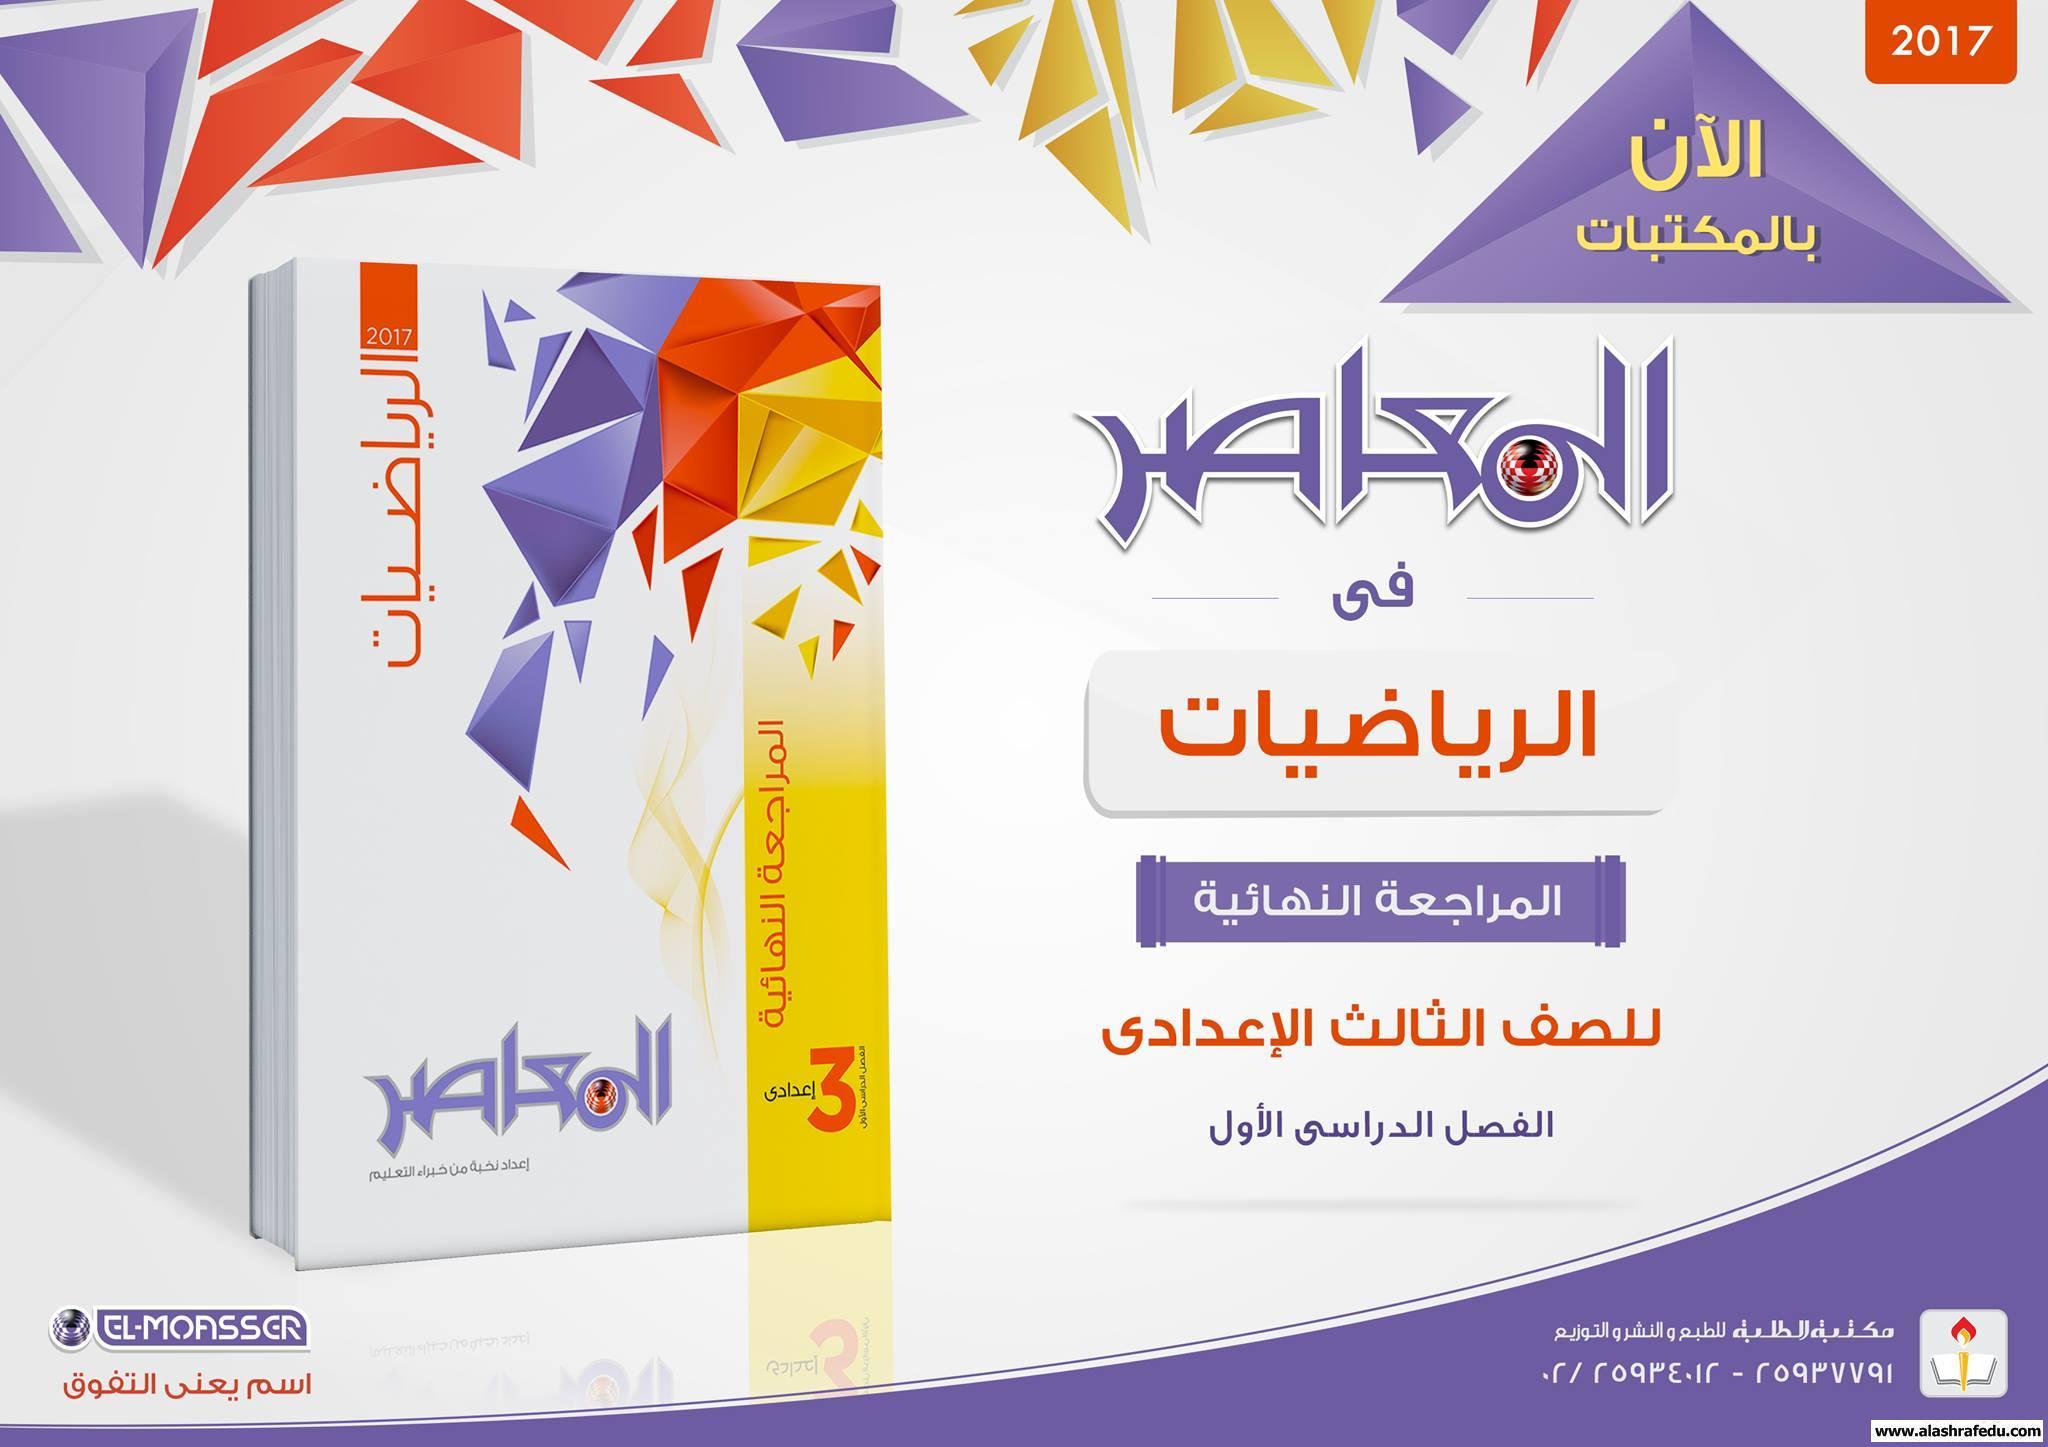 كتاب المعاصر المراجعه النهائيه الرياضيات www.alashrafedu.com1